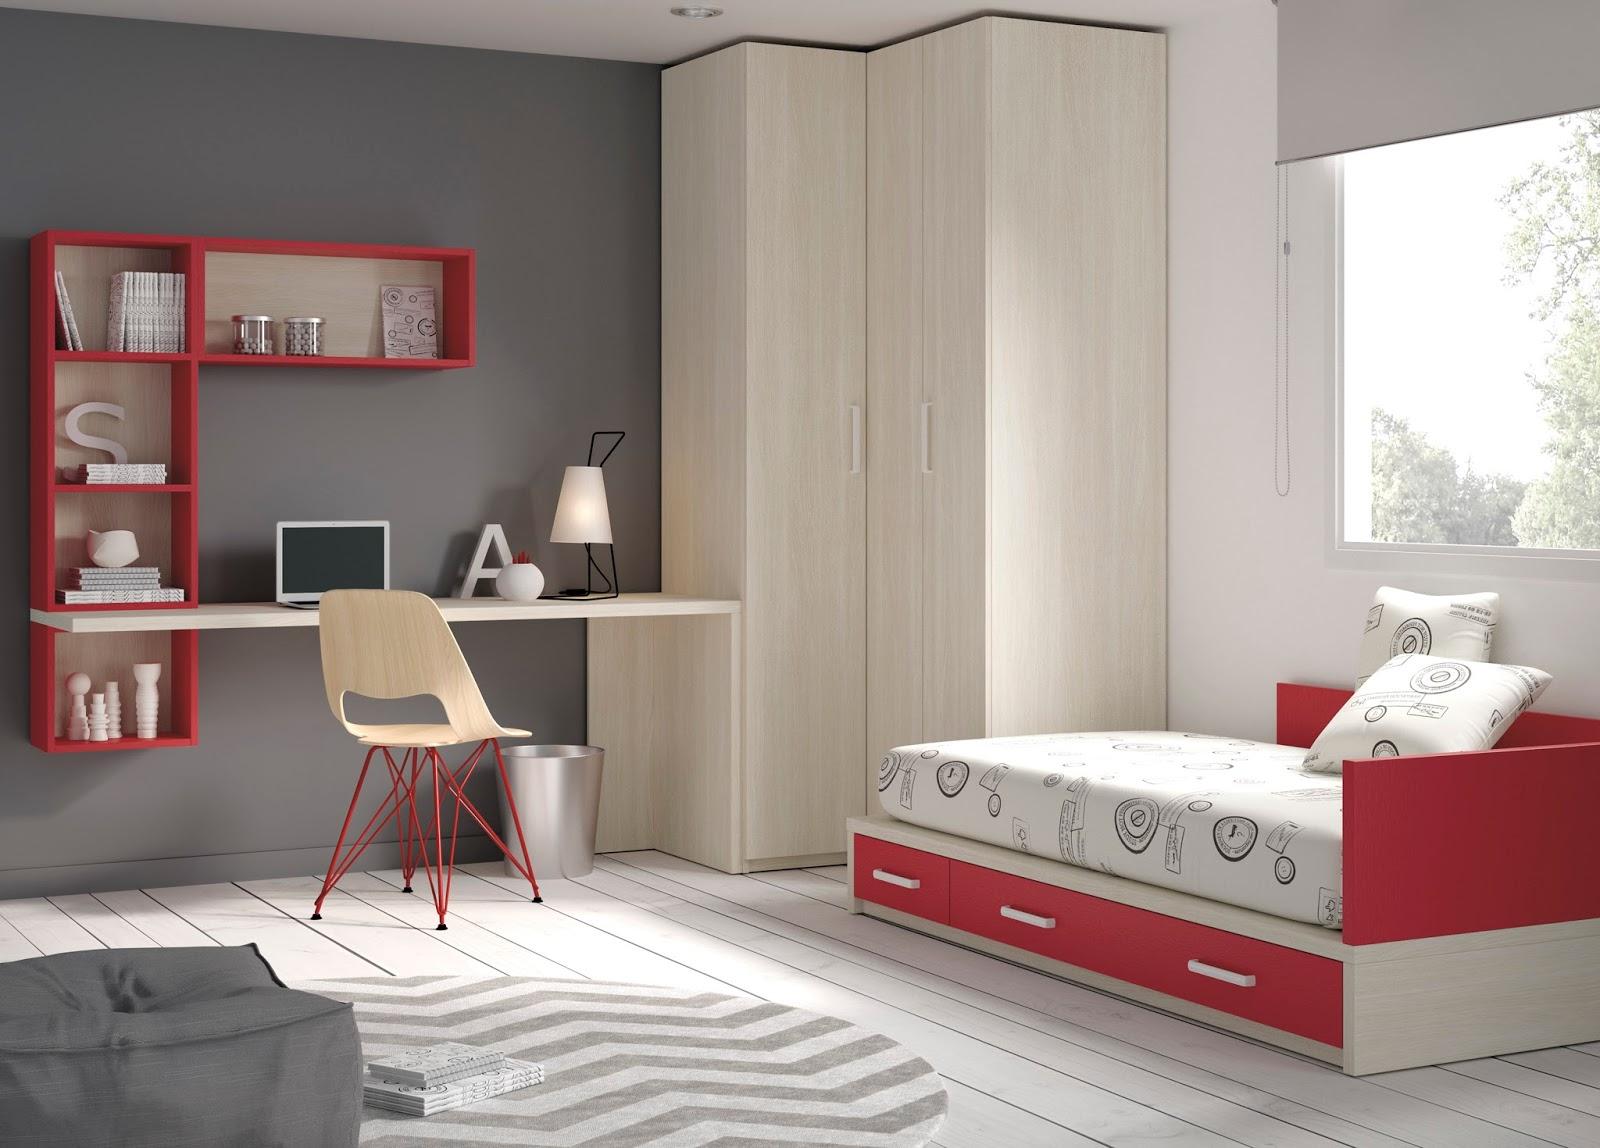 Camera Da Letto Per Ragazzi: Cheap camera da letto per bambini ...